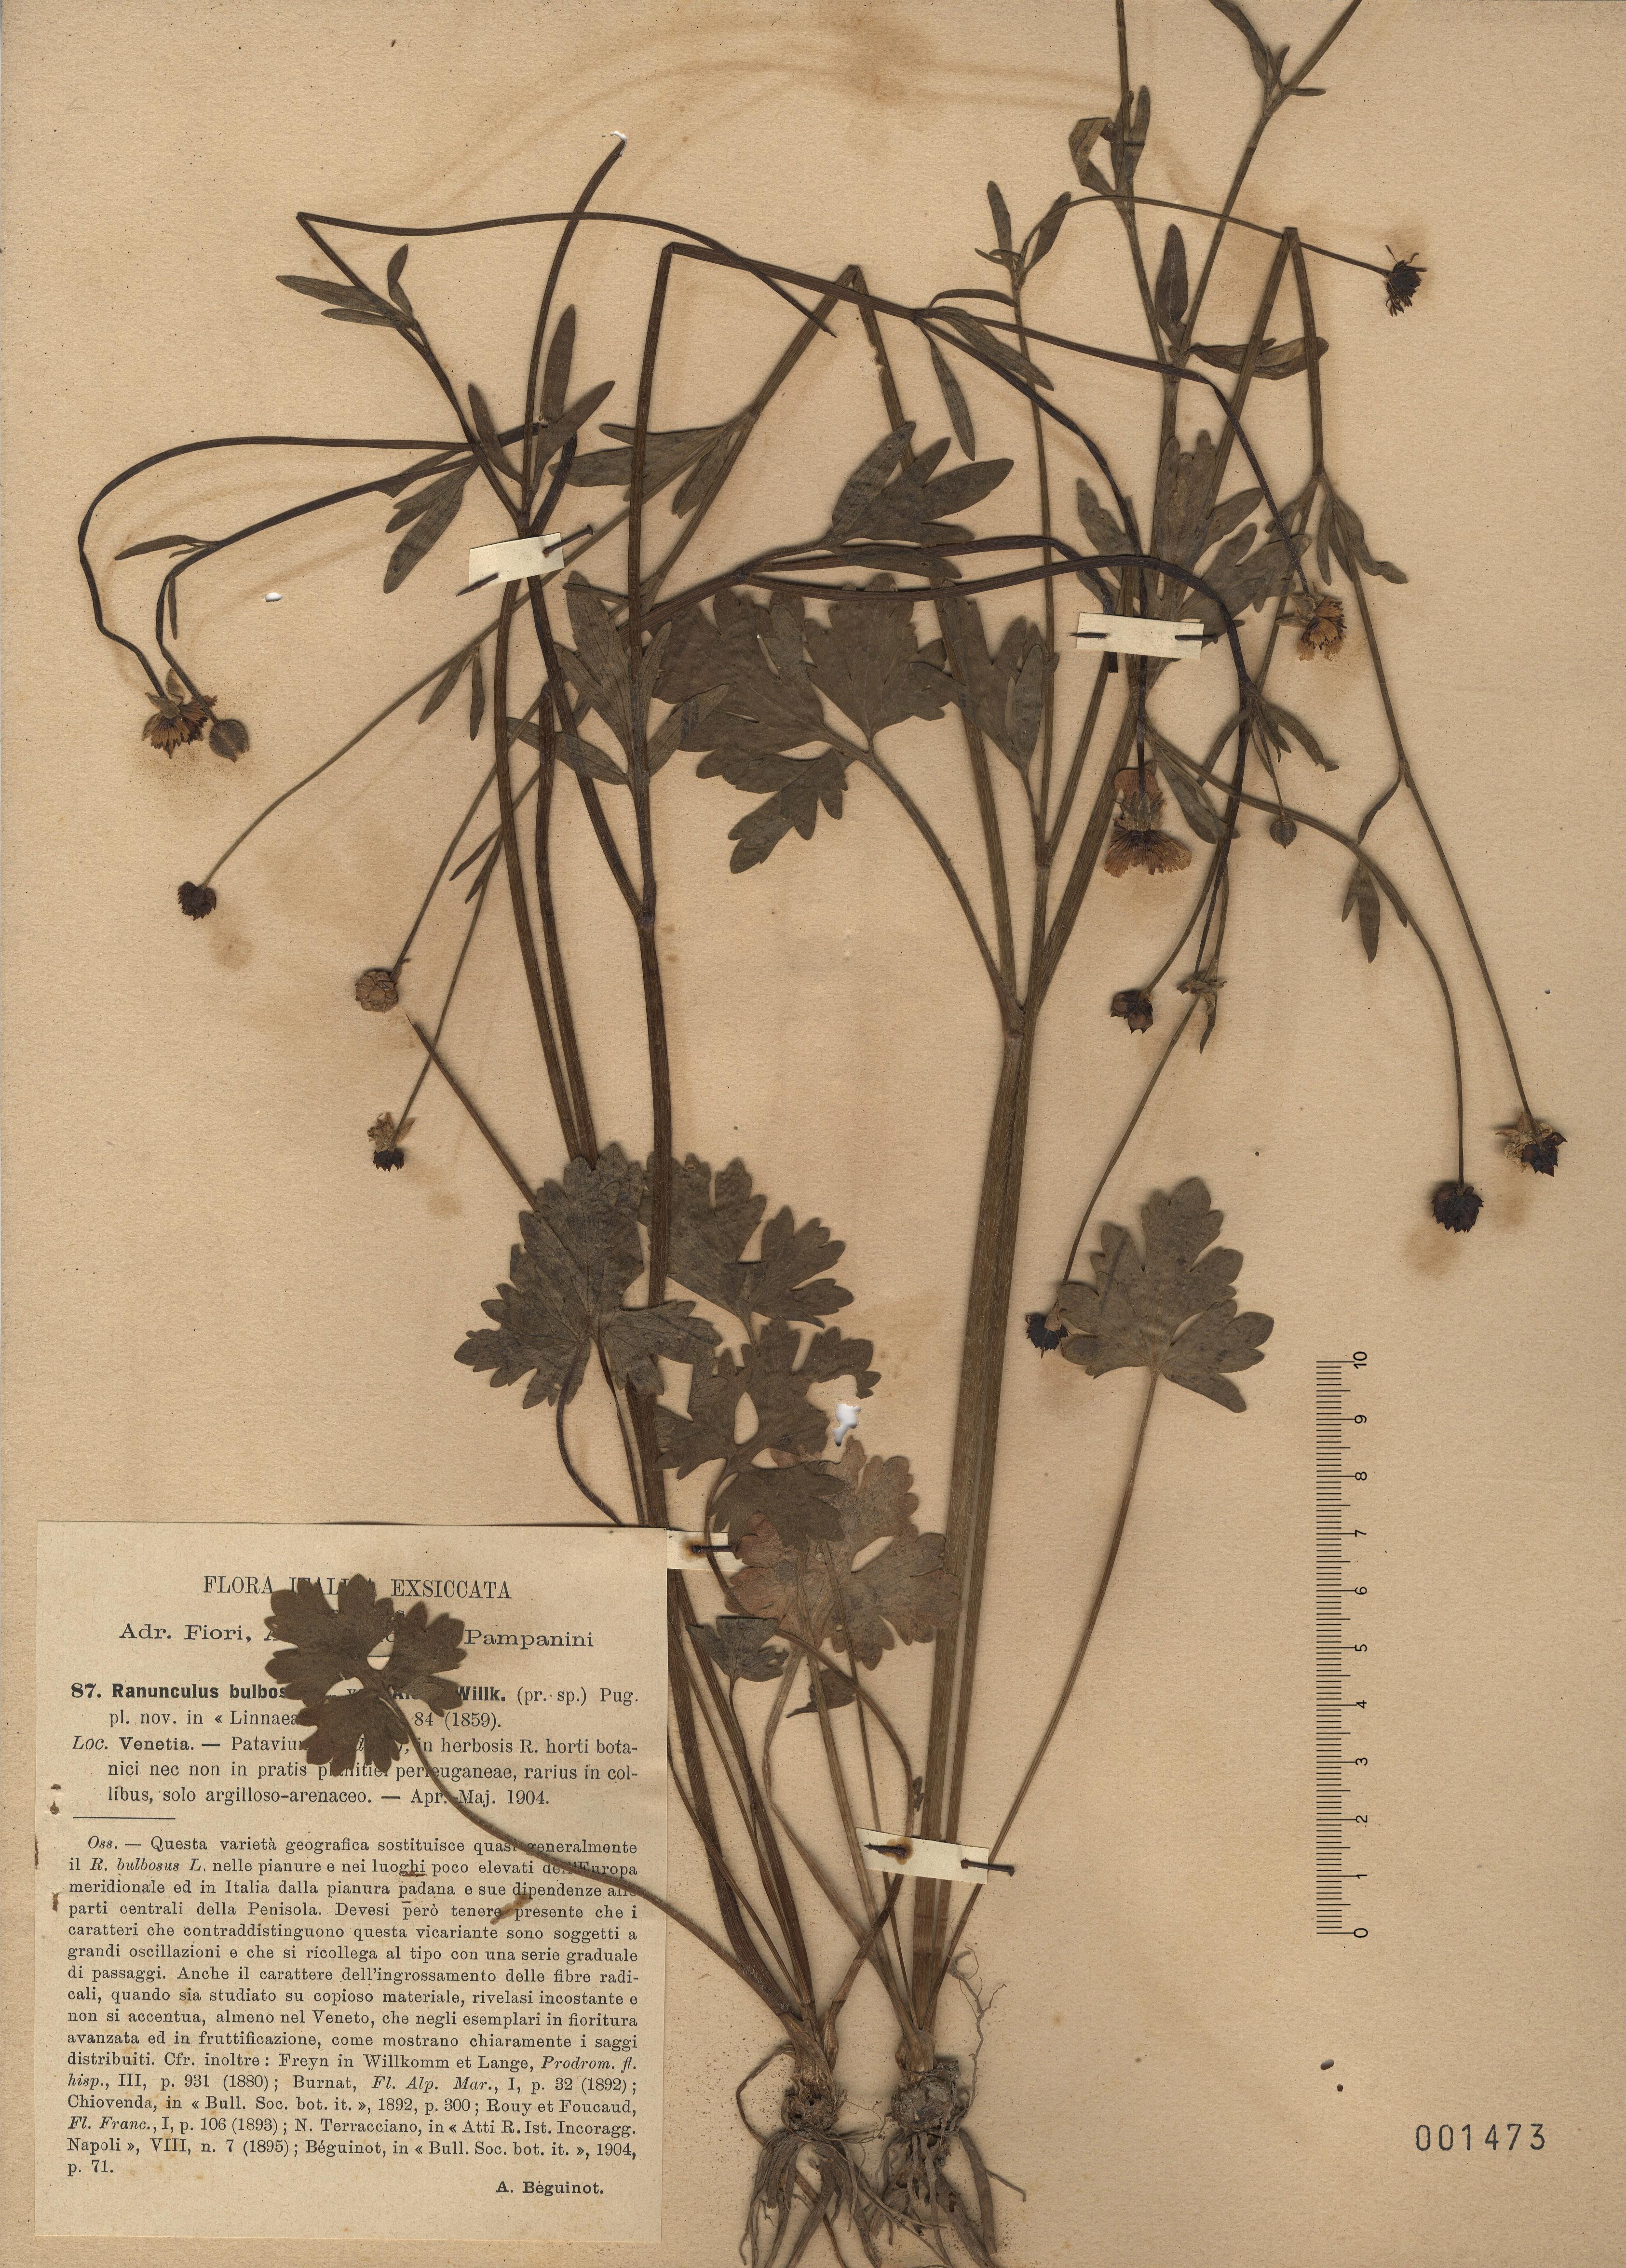 © Hortus Botanicus Catinensis - Herb. sheet 001473<br>